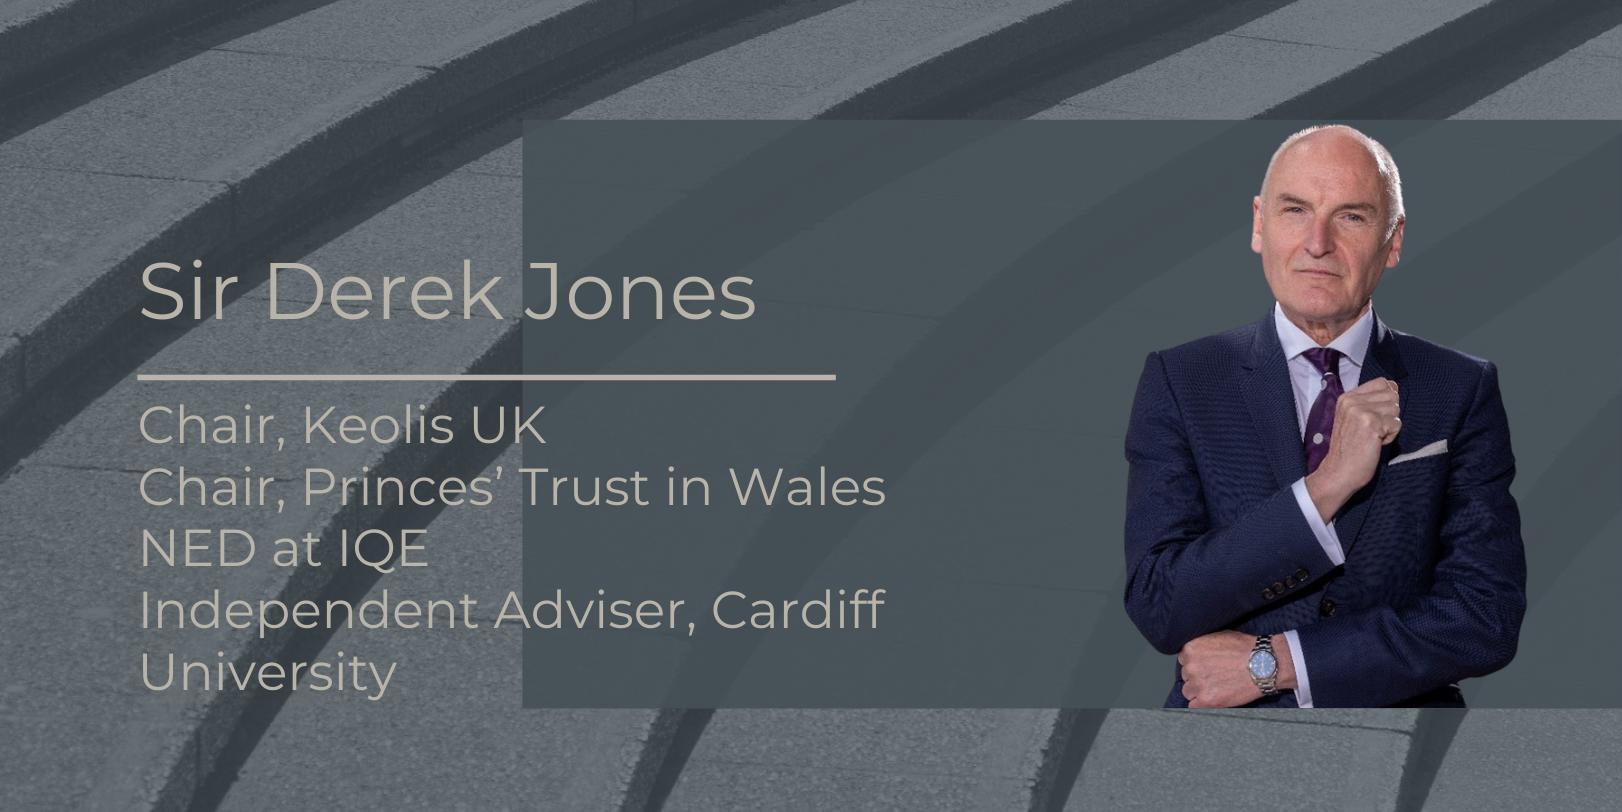 Sir Derek Jones | Keolis UK